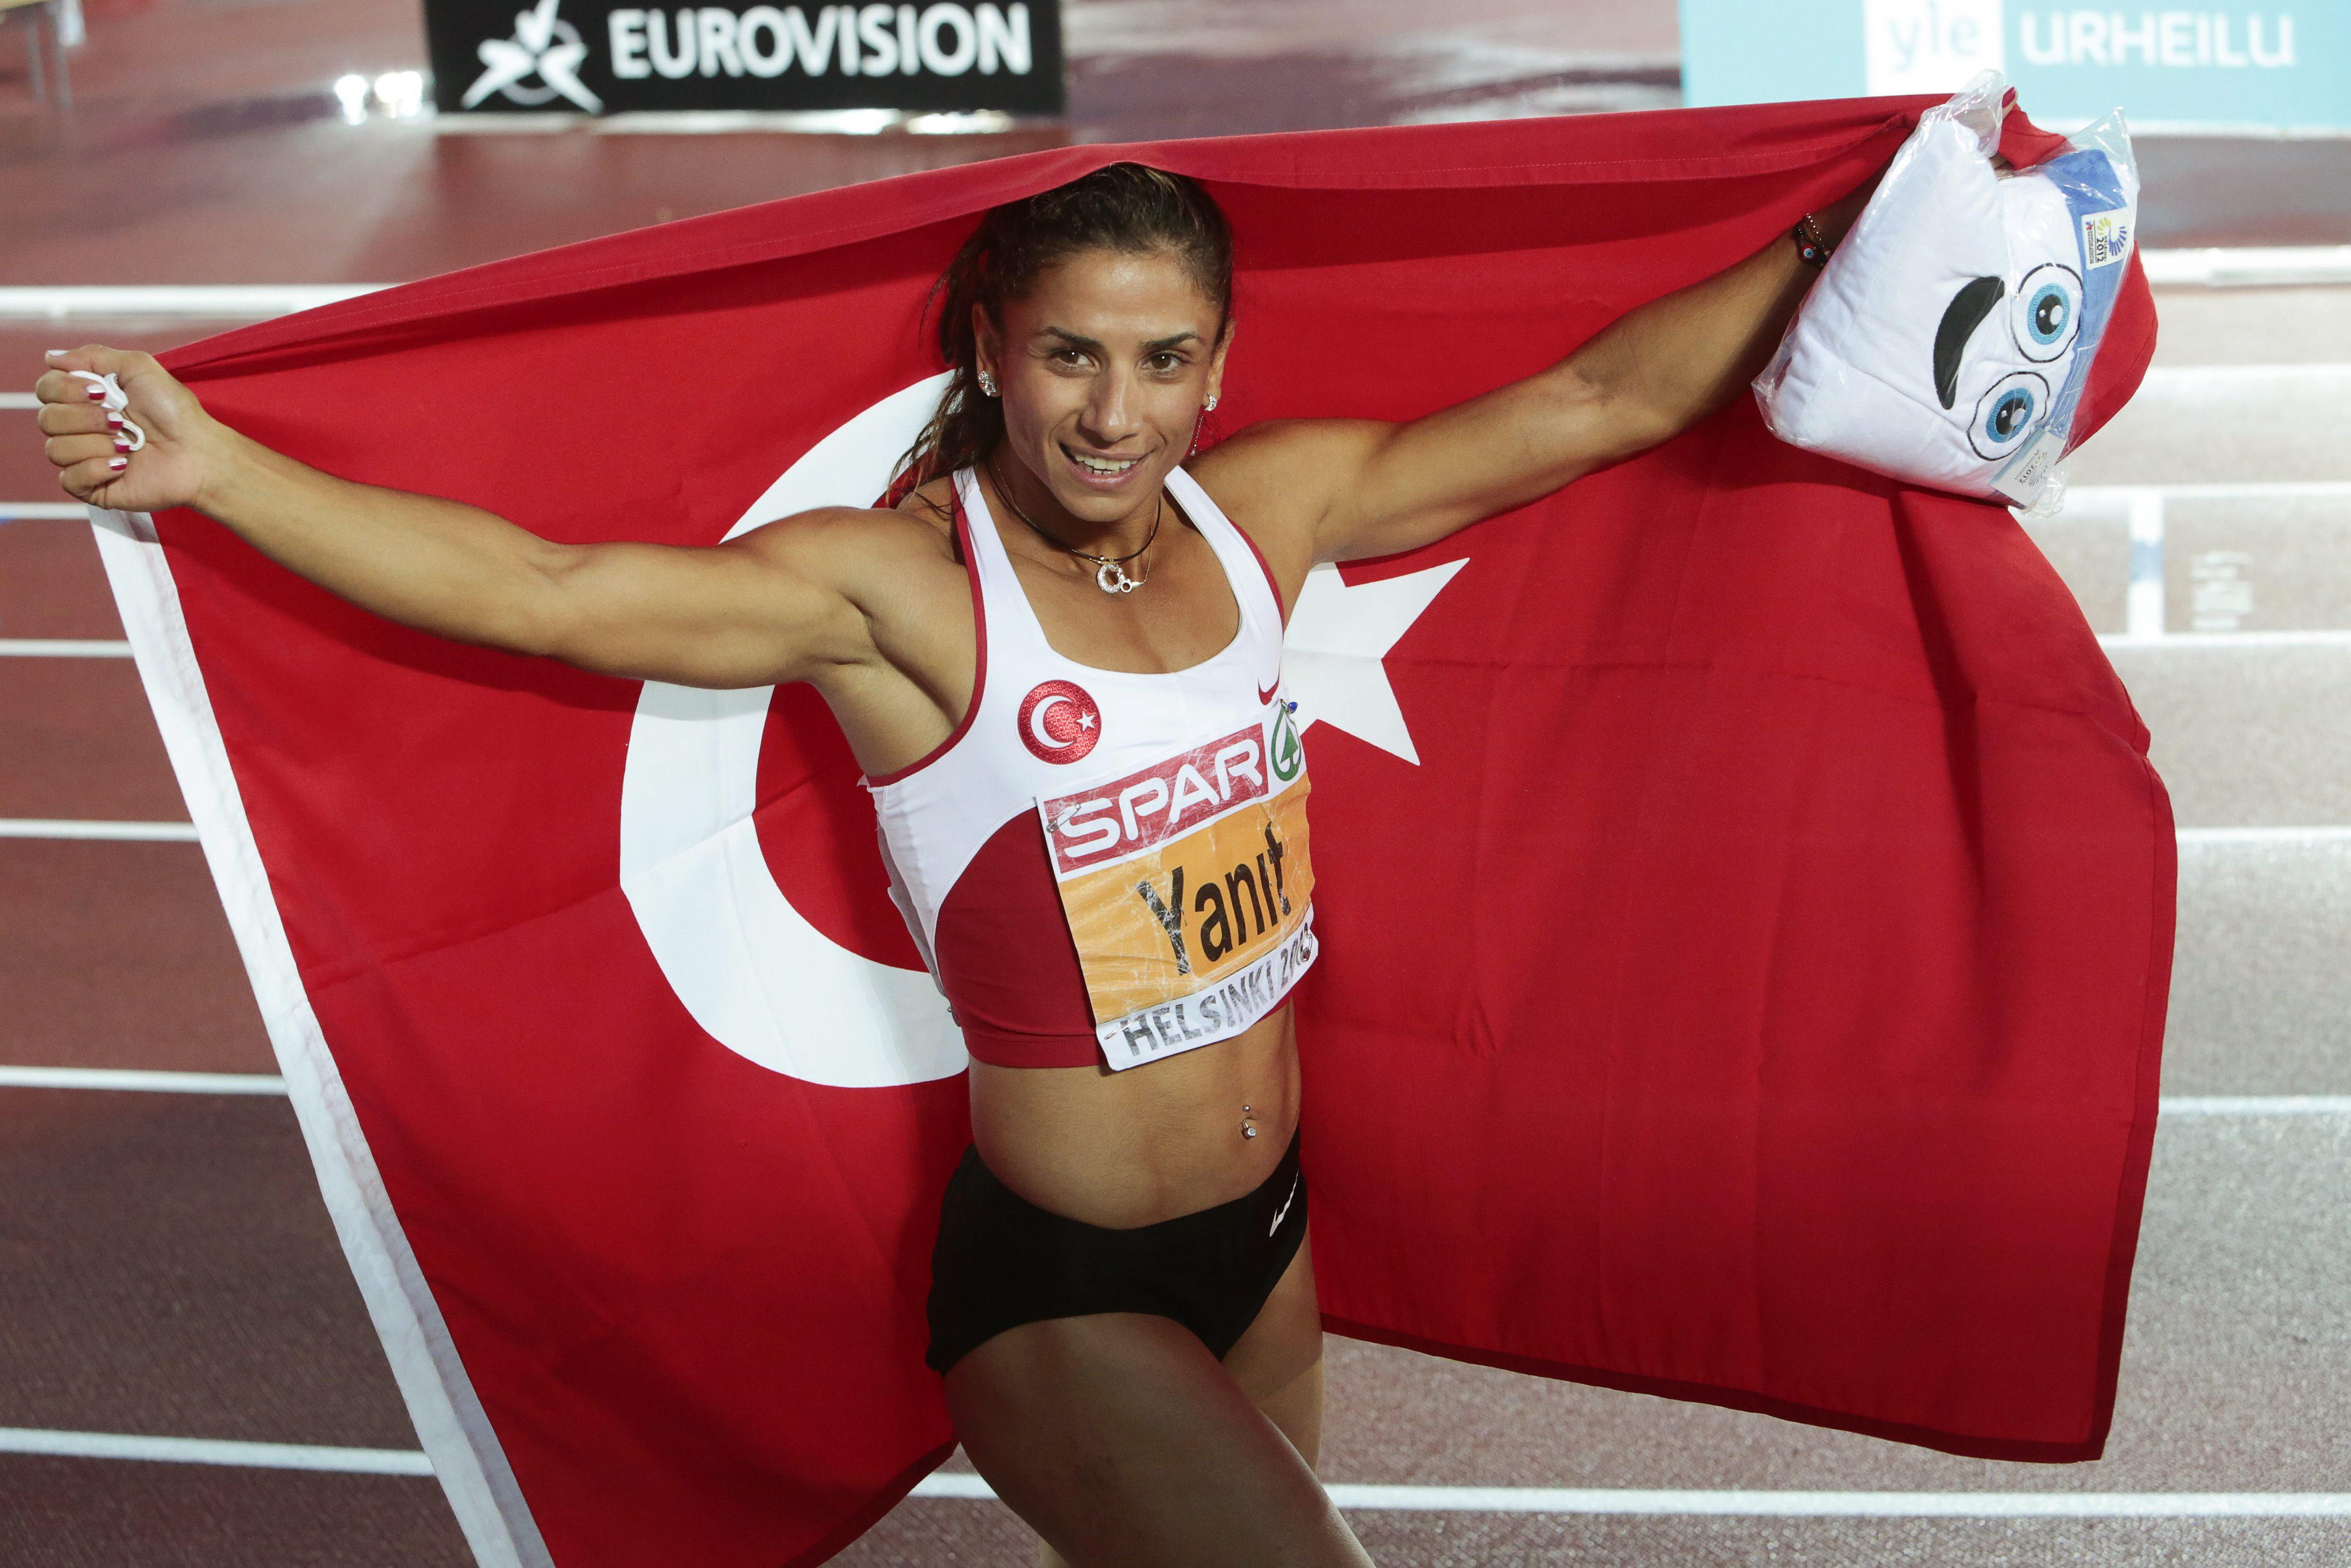 Turquía suspende por dopaje a la campeona europea de 100 metros vallas